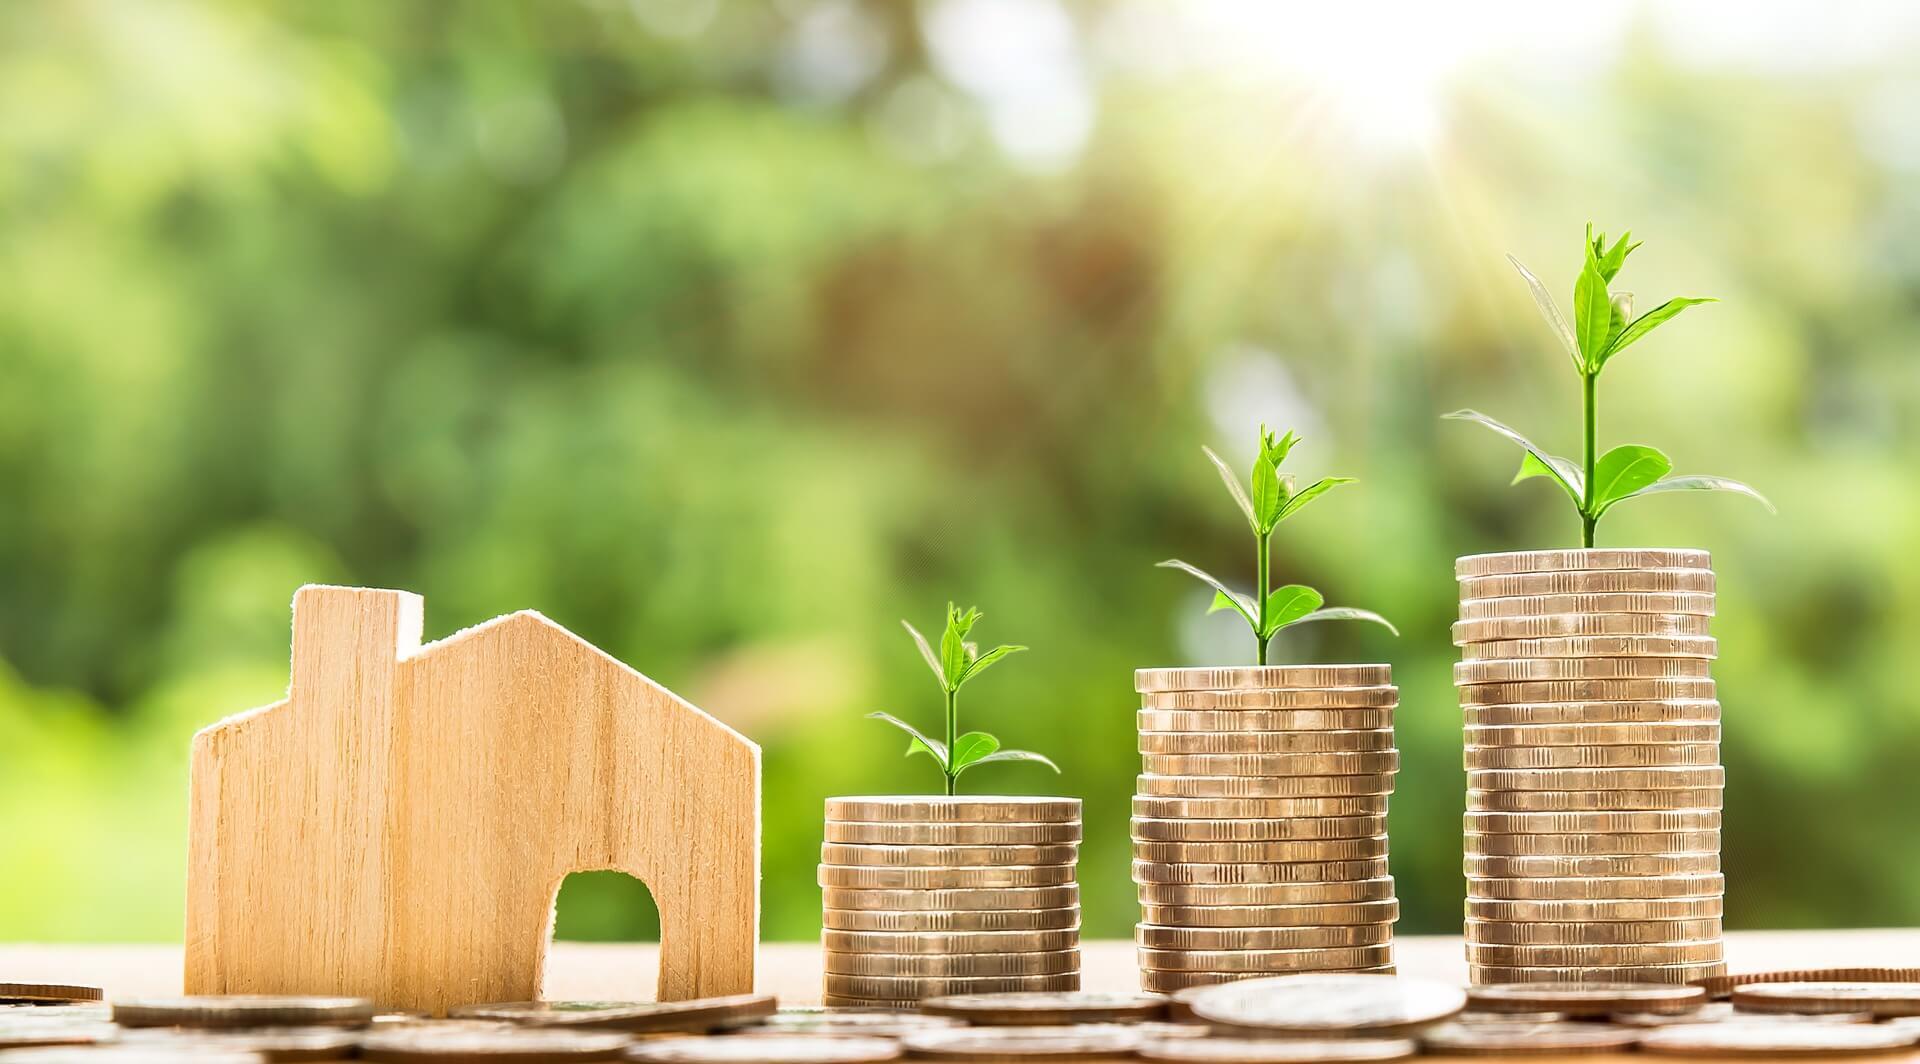 צמיחה כלכלית בזמן הקורונה - מאמר מאת קורנגה קידום אתרים